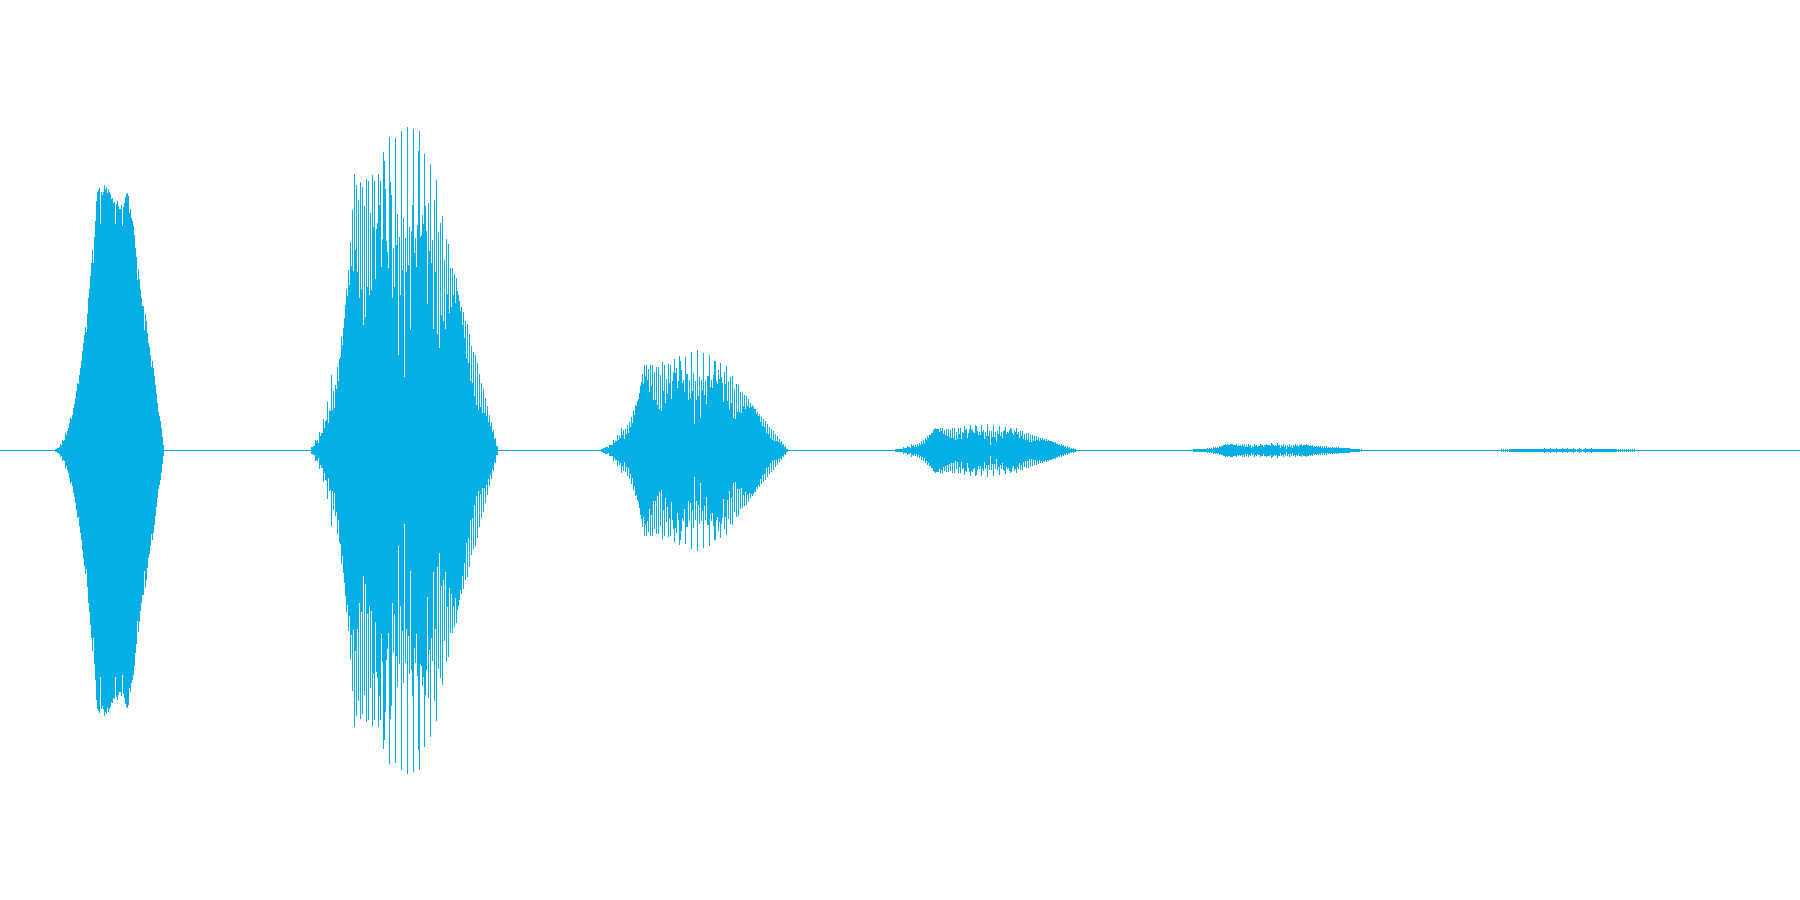 ファミコン風効果音 決定音系です 32の再生済みの波形